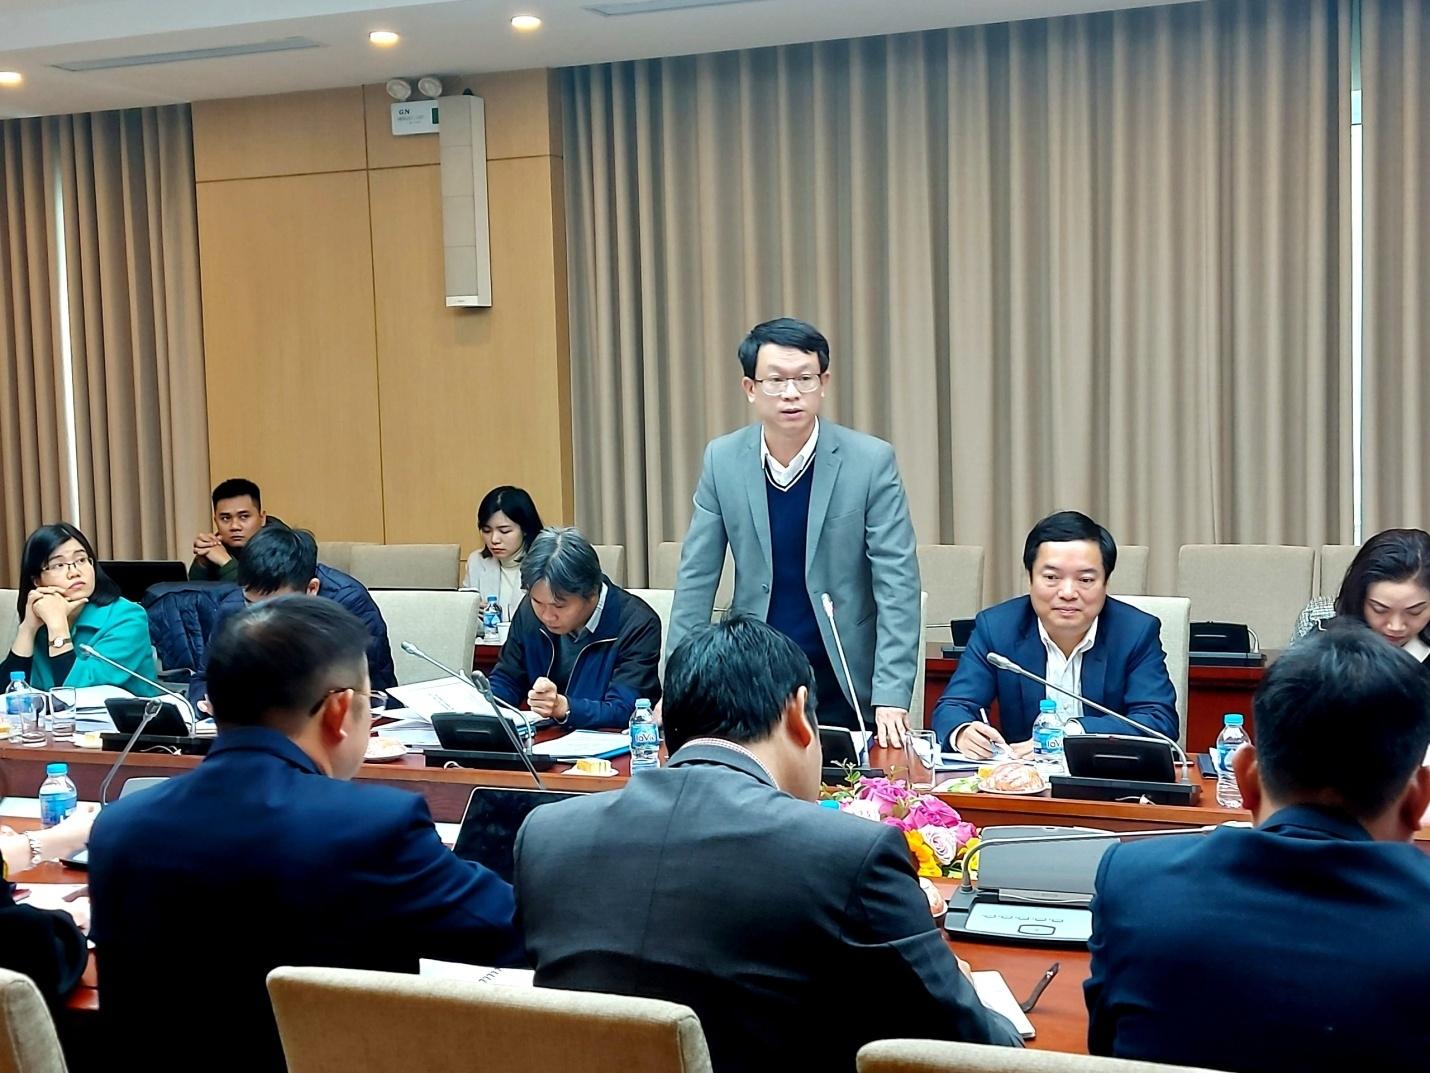 Bắc Giang: Thị trấn Đồi Ngô đạt chuẩn đô thị loại IV